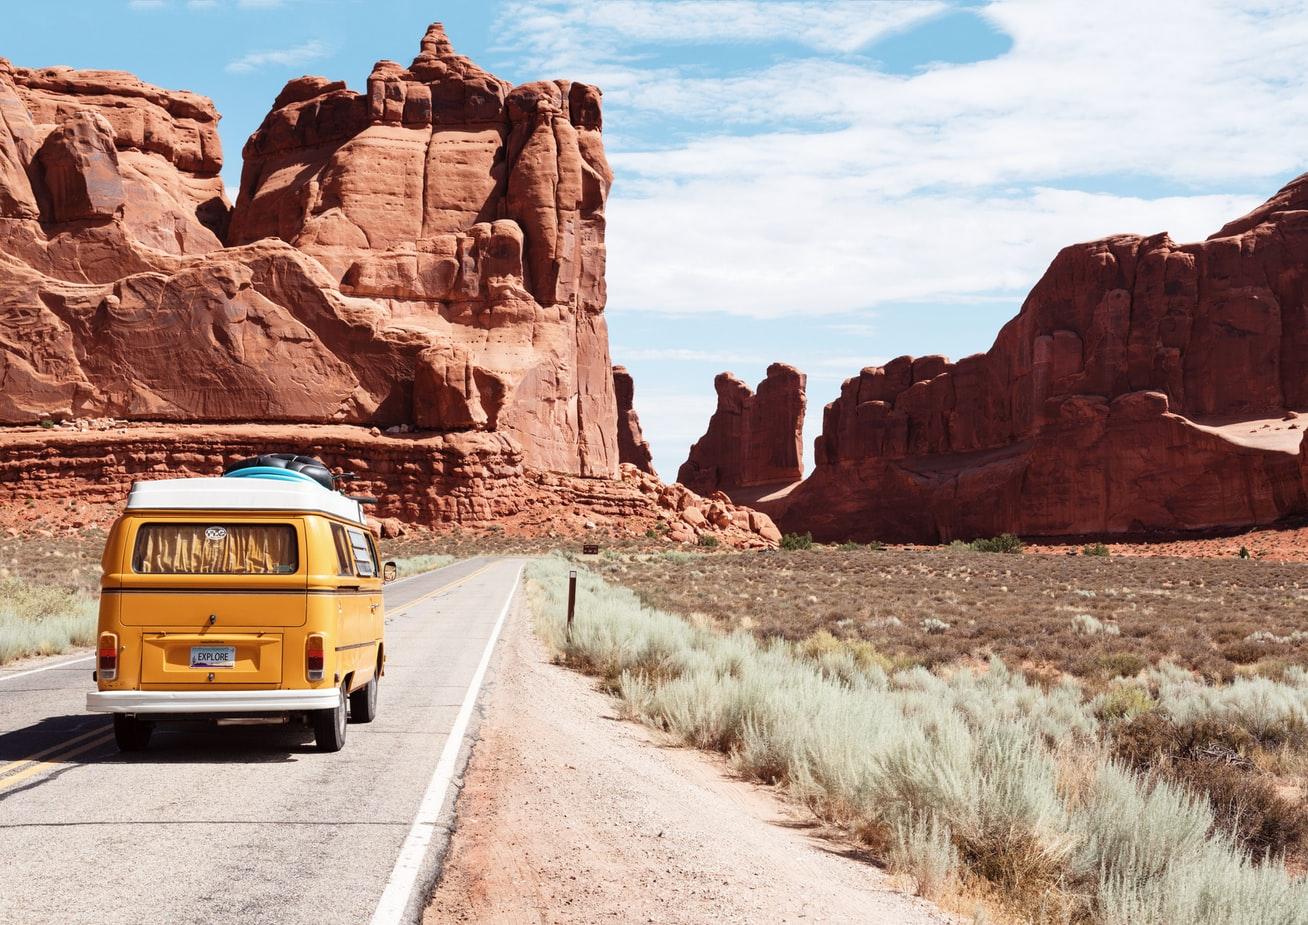 Road trip en mini van pendant un voyage aux Etats-Unis